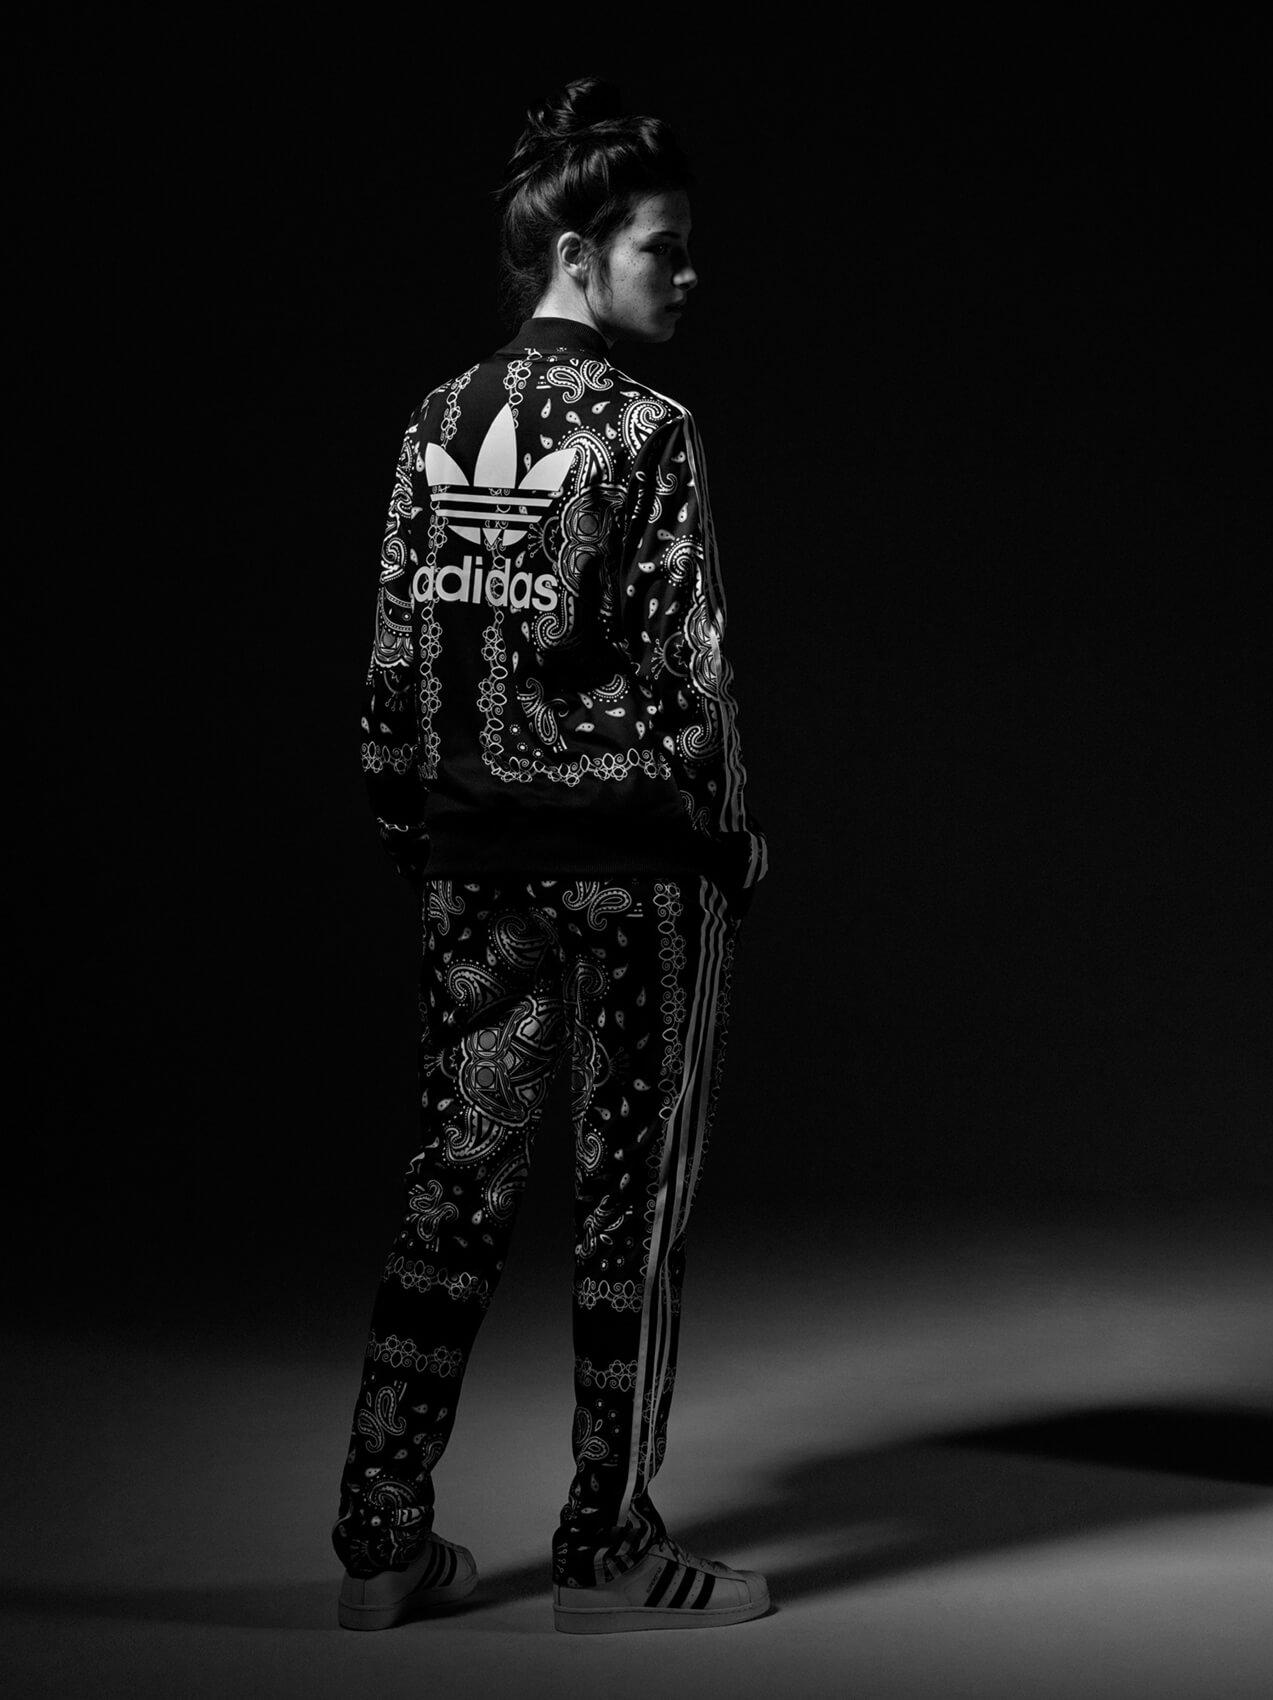 Adidas-Originals-Paisley-Capsule-1